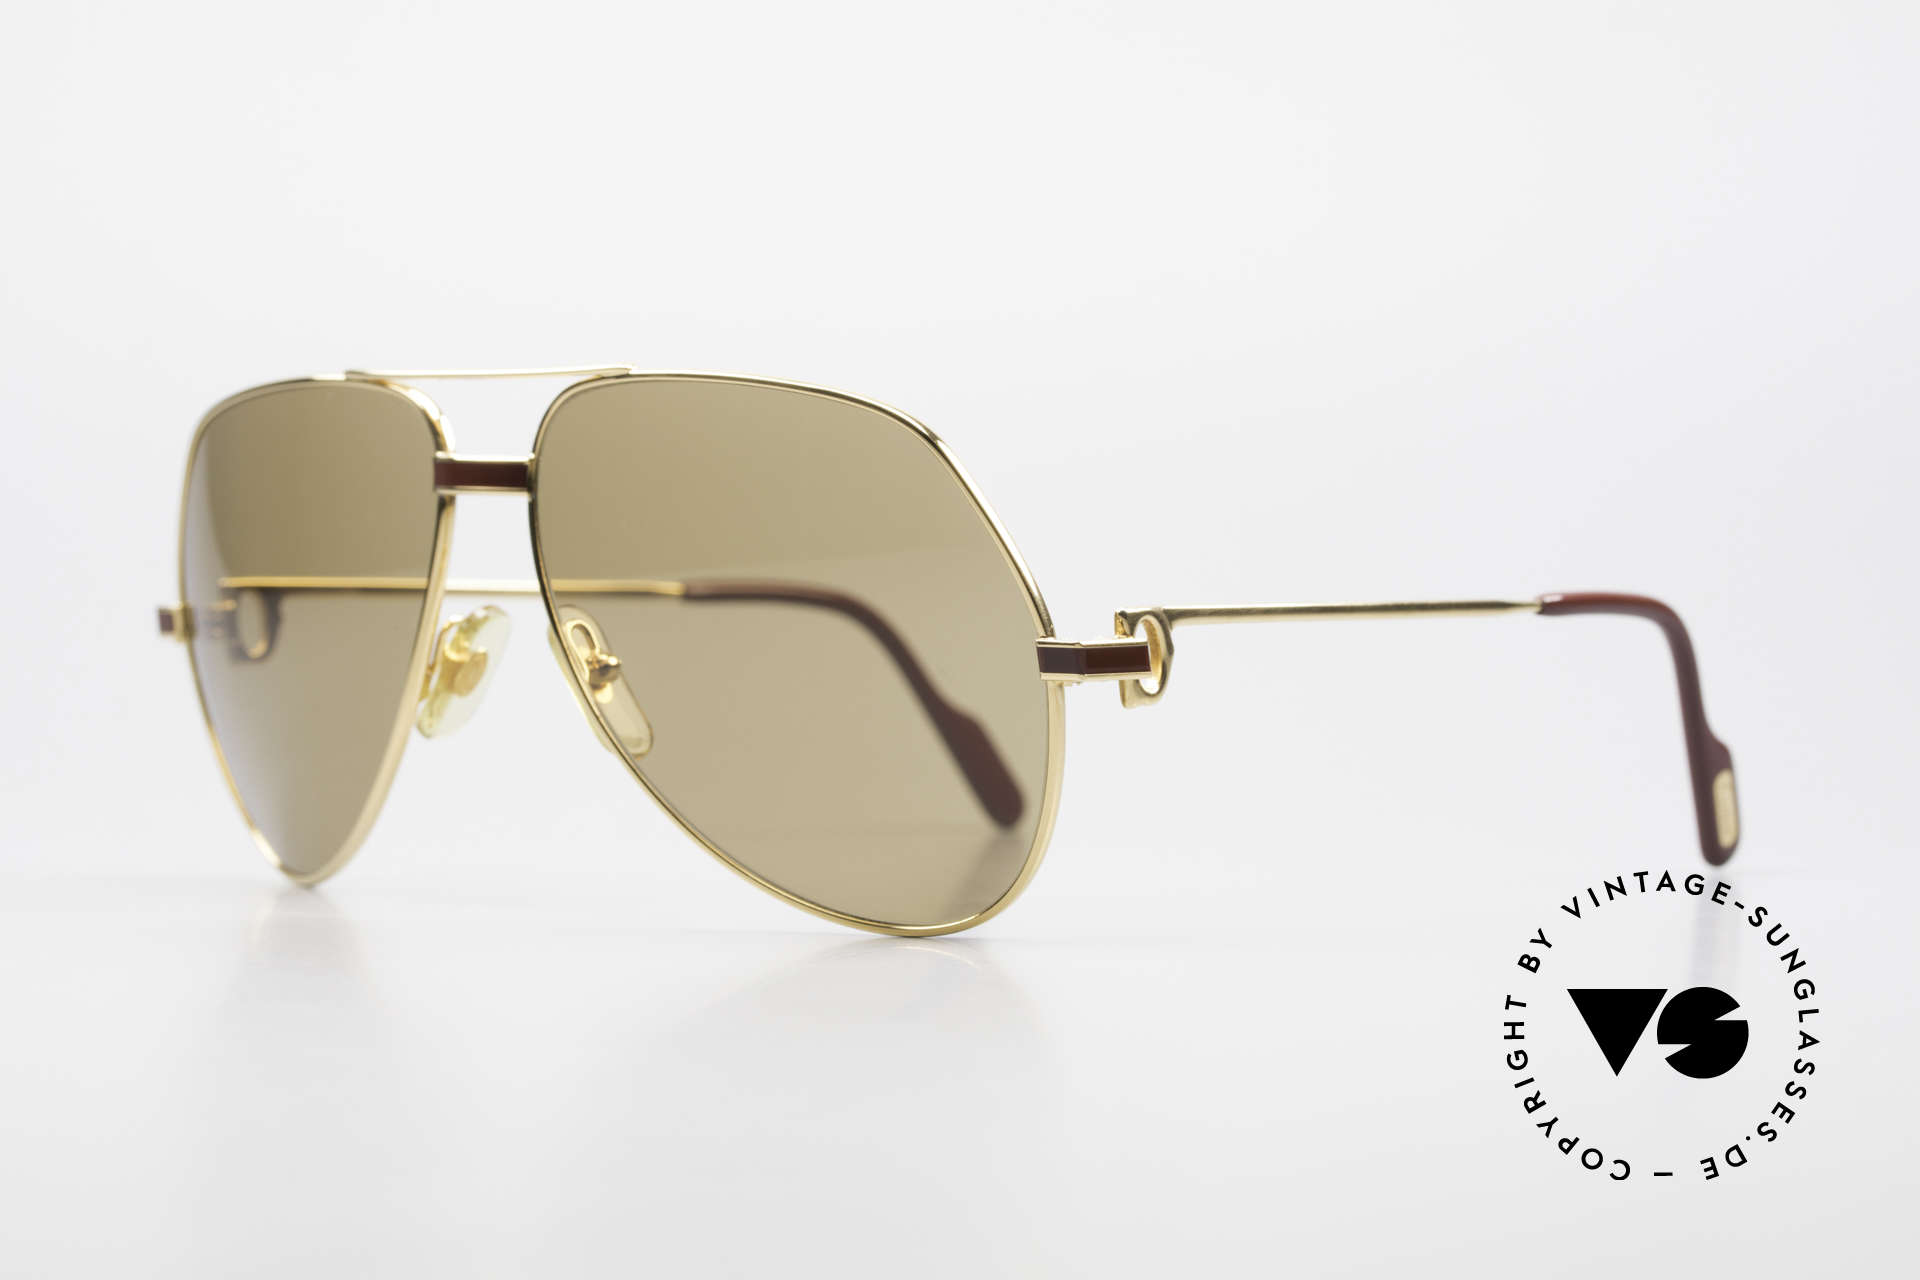 Cartier Vendome Laque - L Cartierglas Mit Hauchzeichen, 22kt vergoldet mit Laque-Dekor in Large Gr. 62-14, 130, Passend für Herren